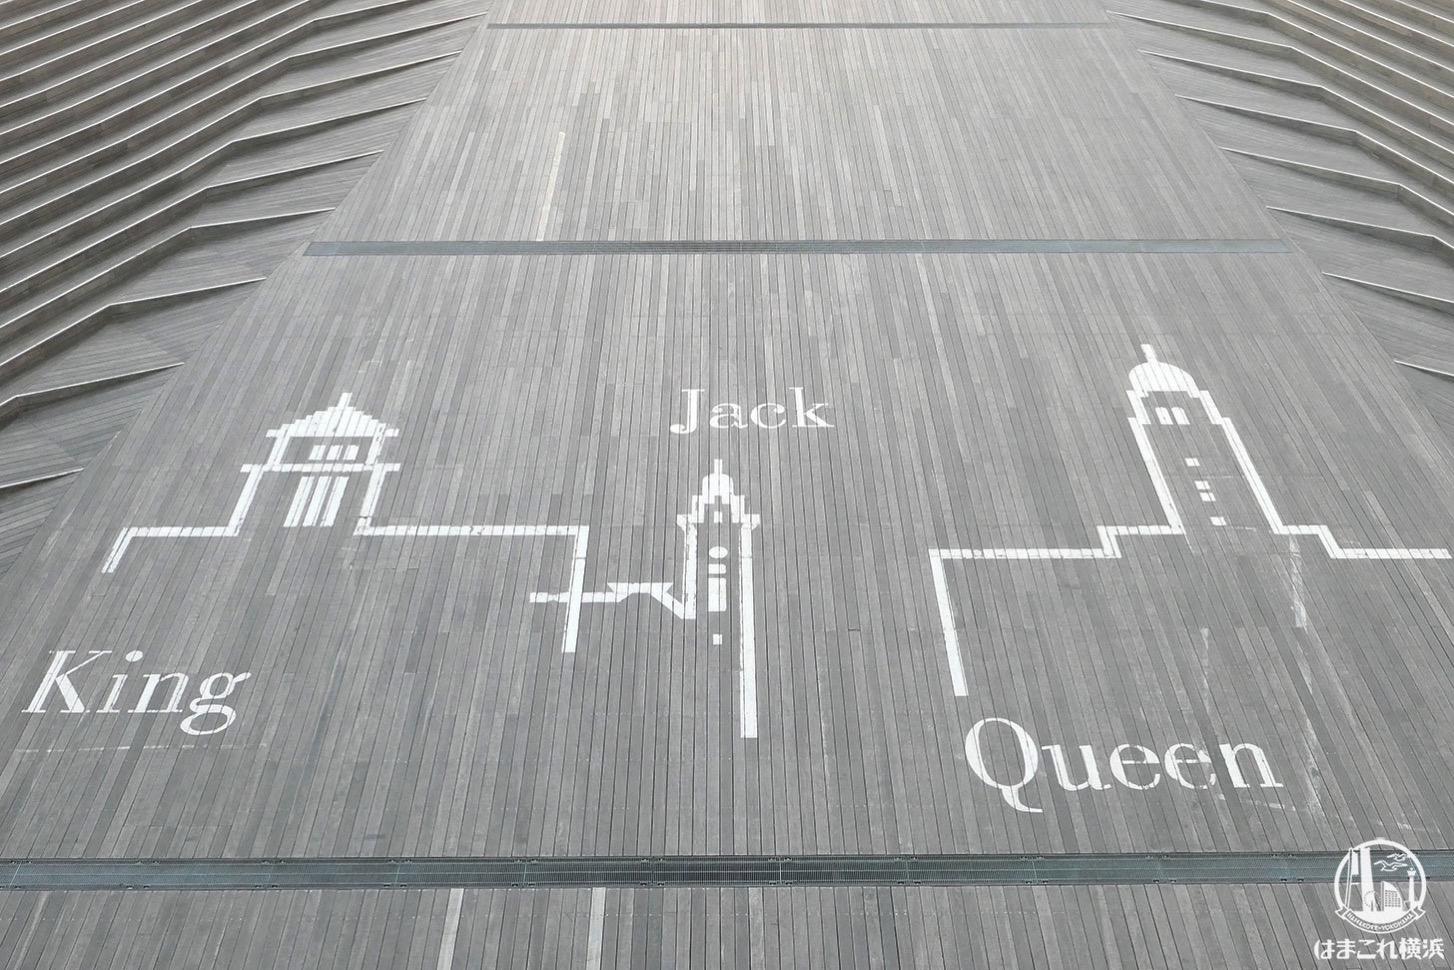 横浜三塔ってなに?無料で見学できる歴史的建造物・定番観光スポット